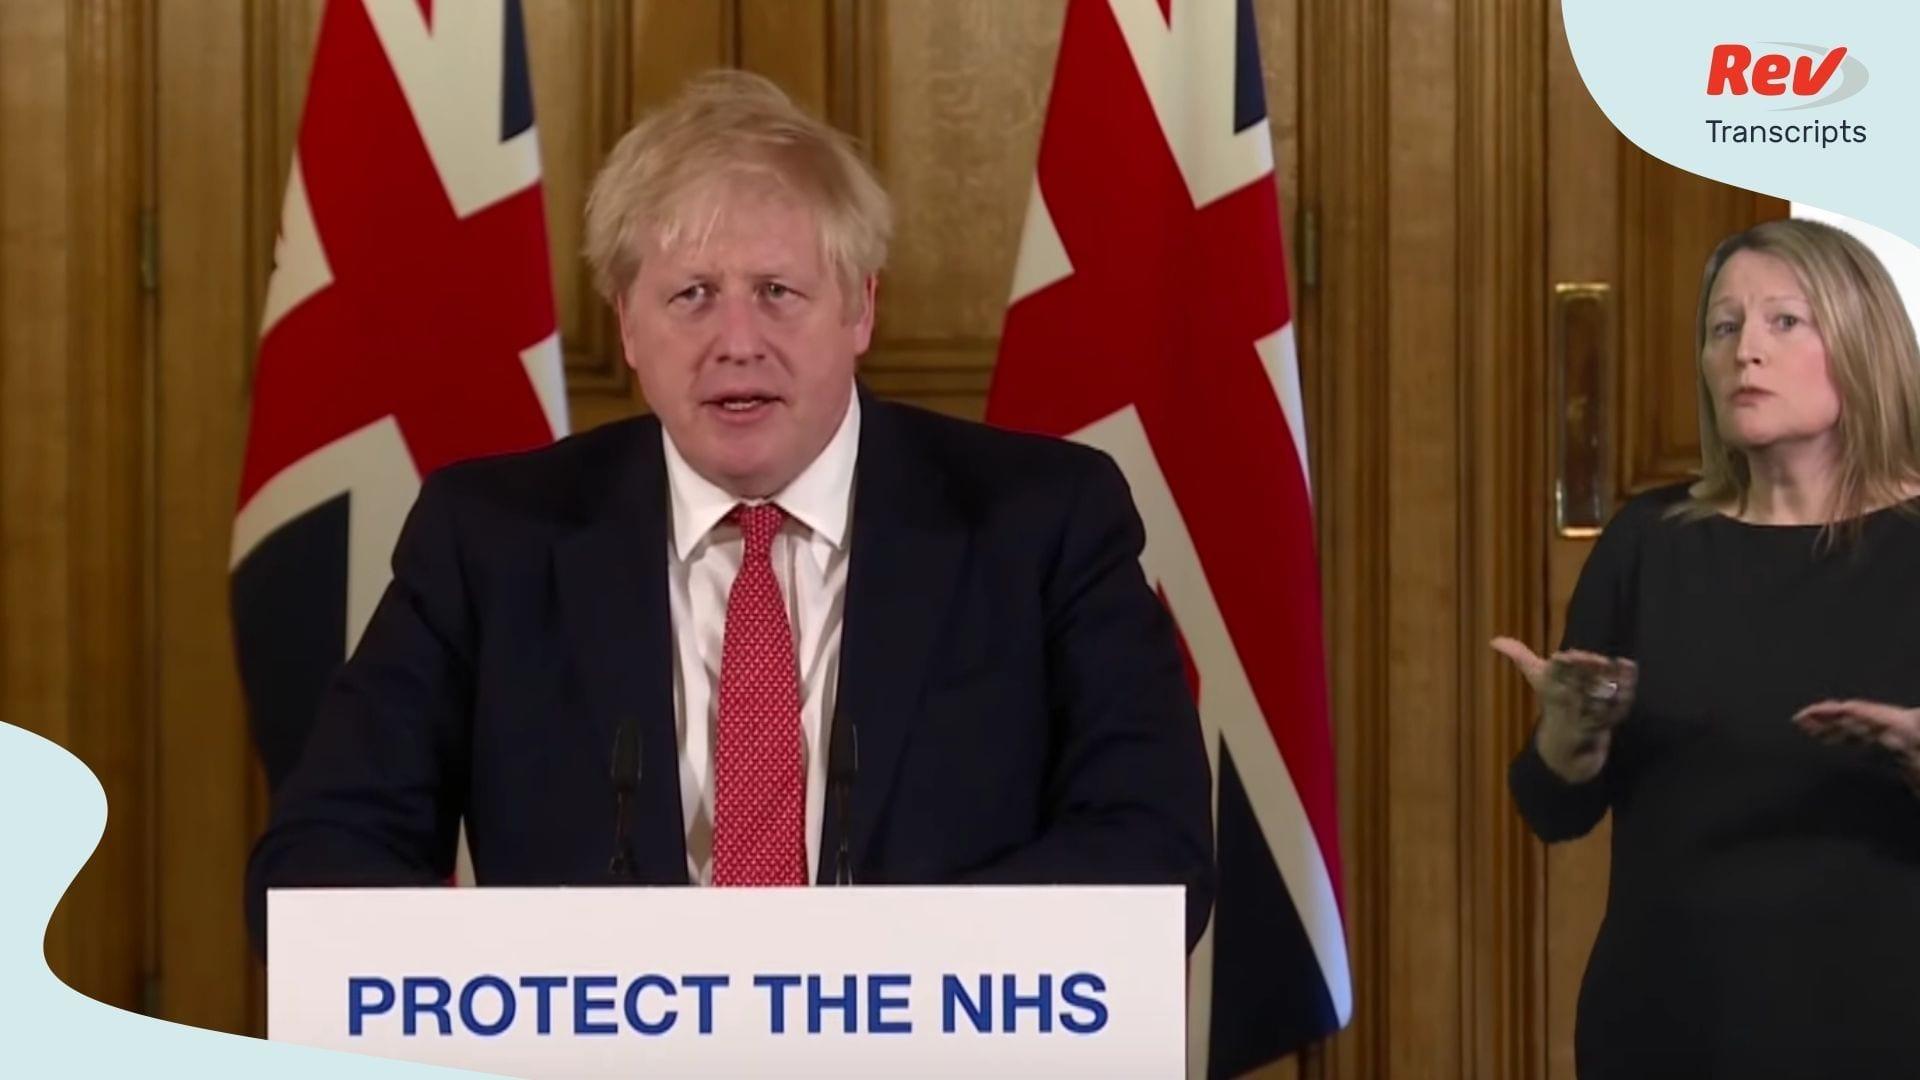 Boris Johnson Coronavirus Update March 21